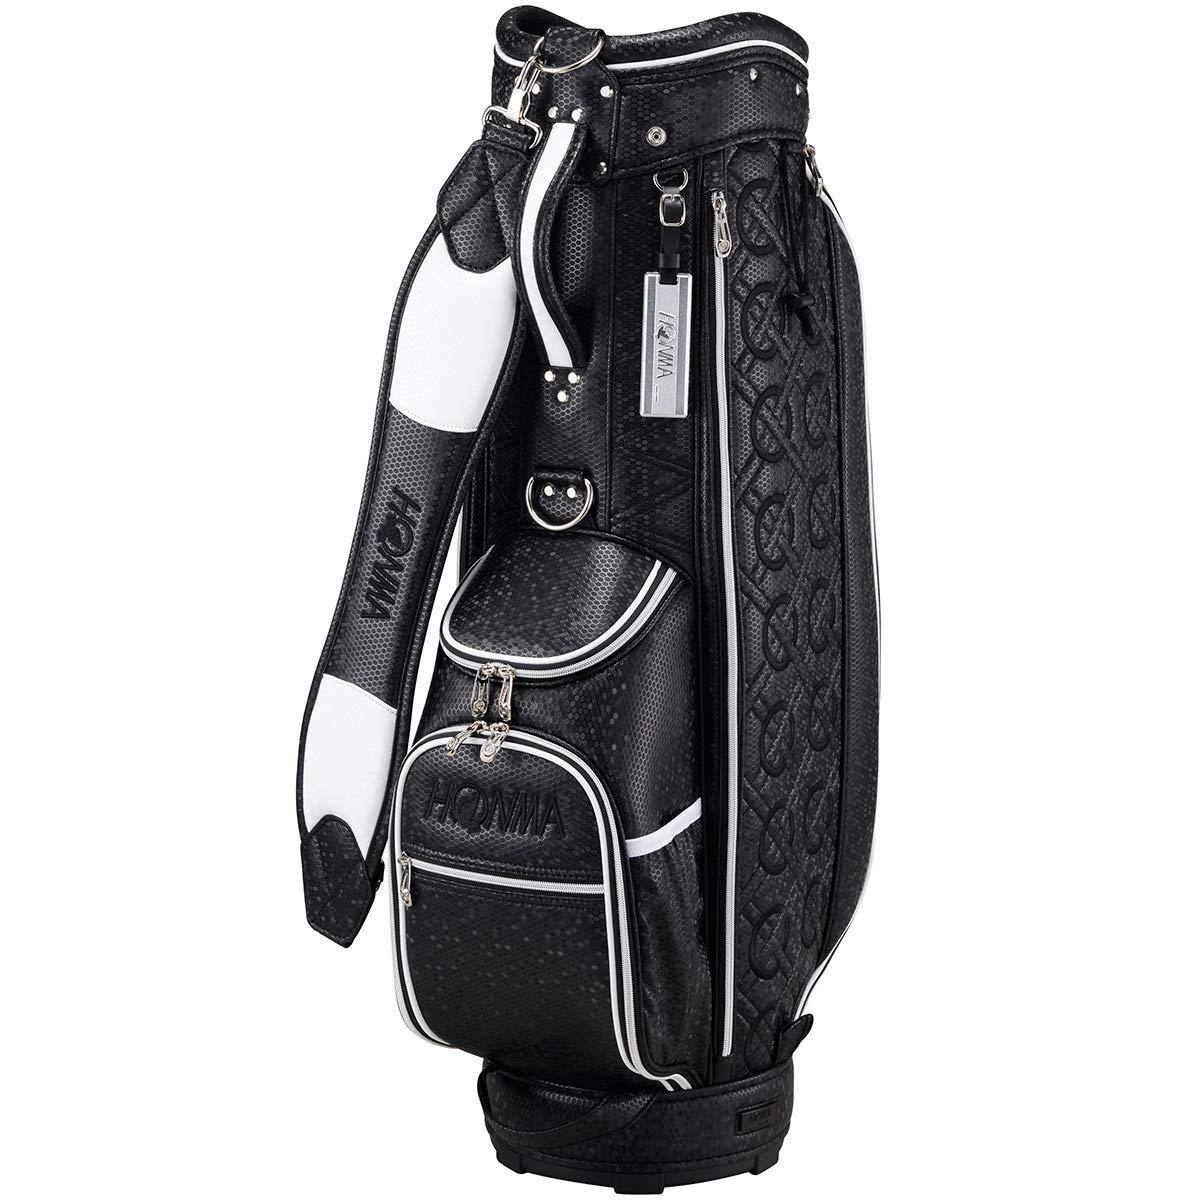 本間ゴルフ キャディーバッグ CB1923 CB1923 CB1923 ブラック 黒